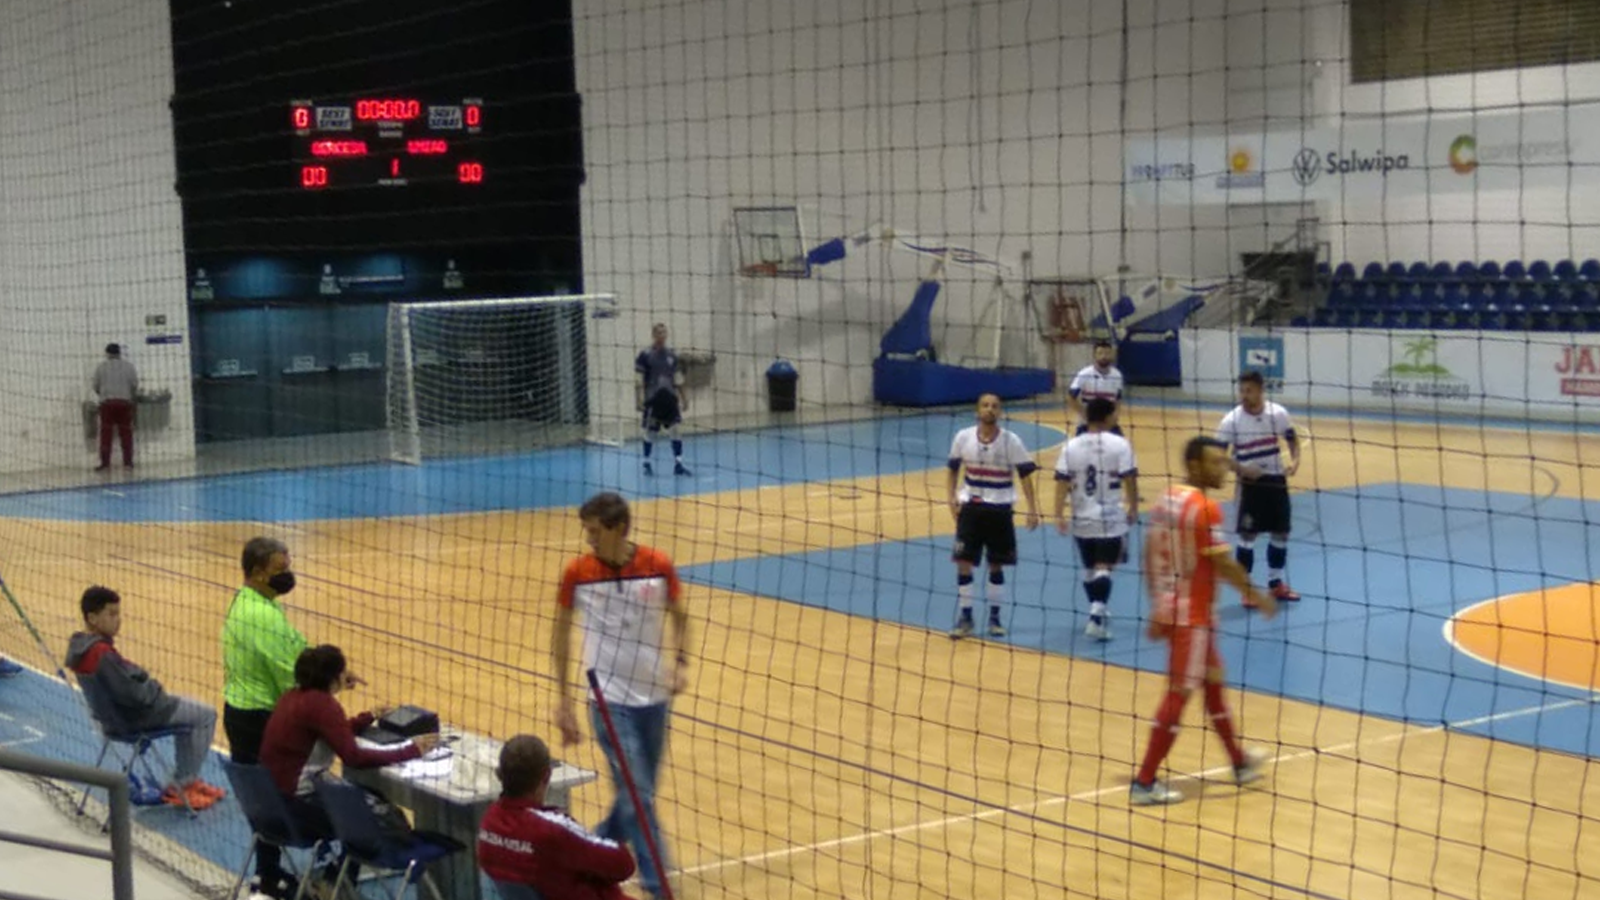 Fora de casa, União Santo Antônio Futsal empata com a Sercesa na Copa Regional